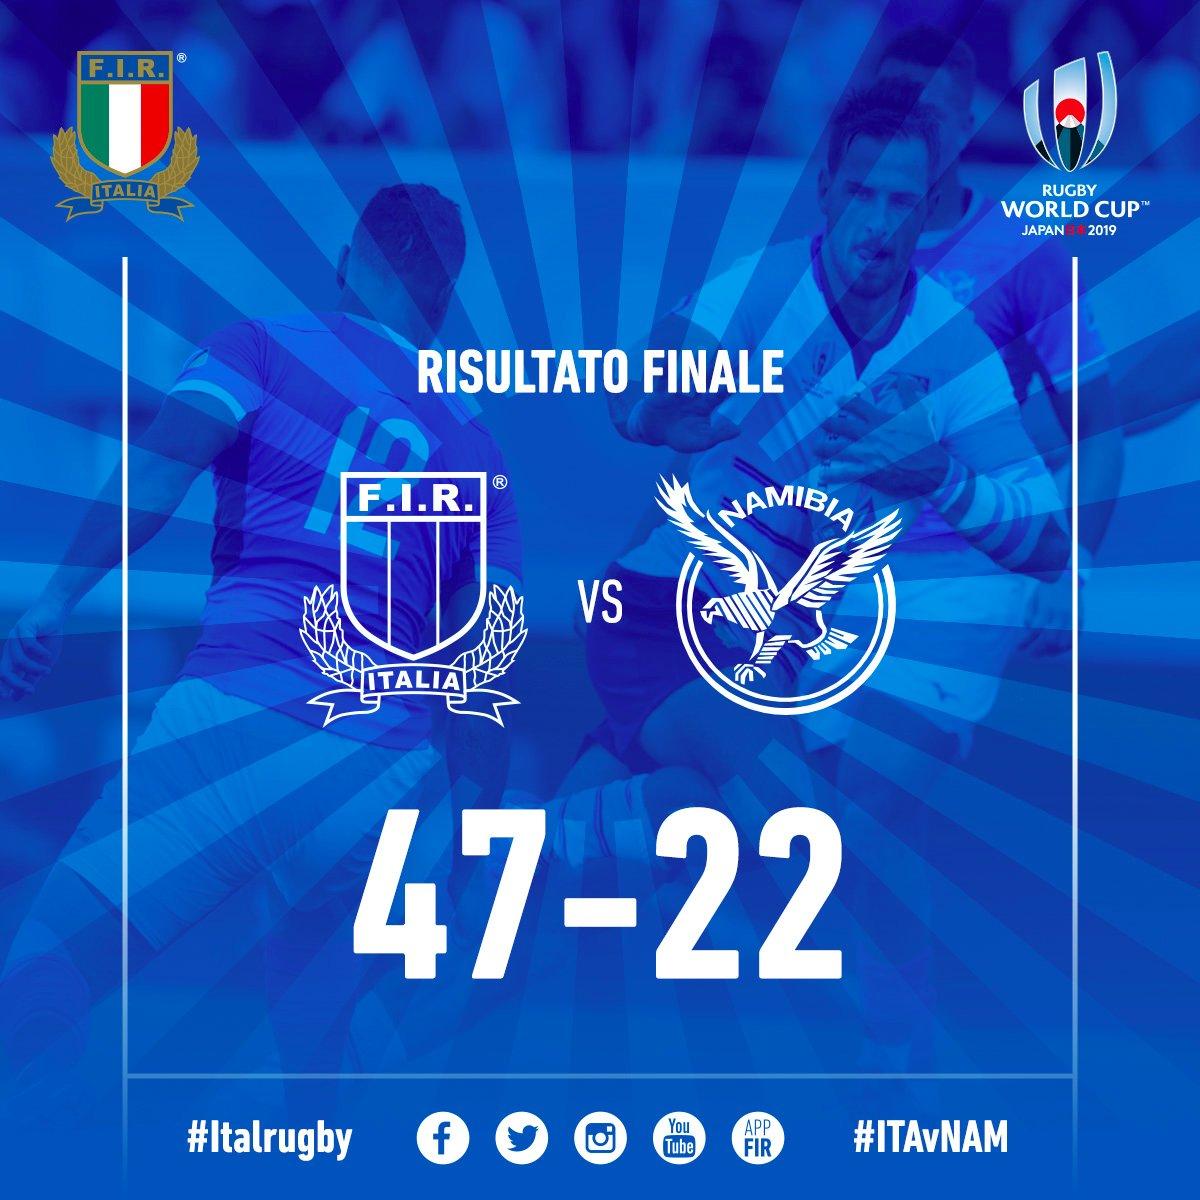 🔵 #ITAvNAM: termina 47-22 a Osaka il primo match di #Italrugby nella #RWC2019 Ora, testa alla prossima sfida, in programma giovedì con il Canada 🏉 #insieme #rugbypassioneitaliana